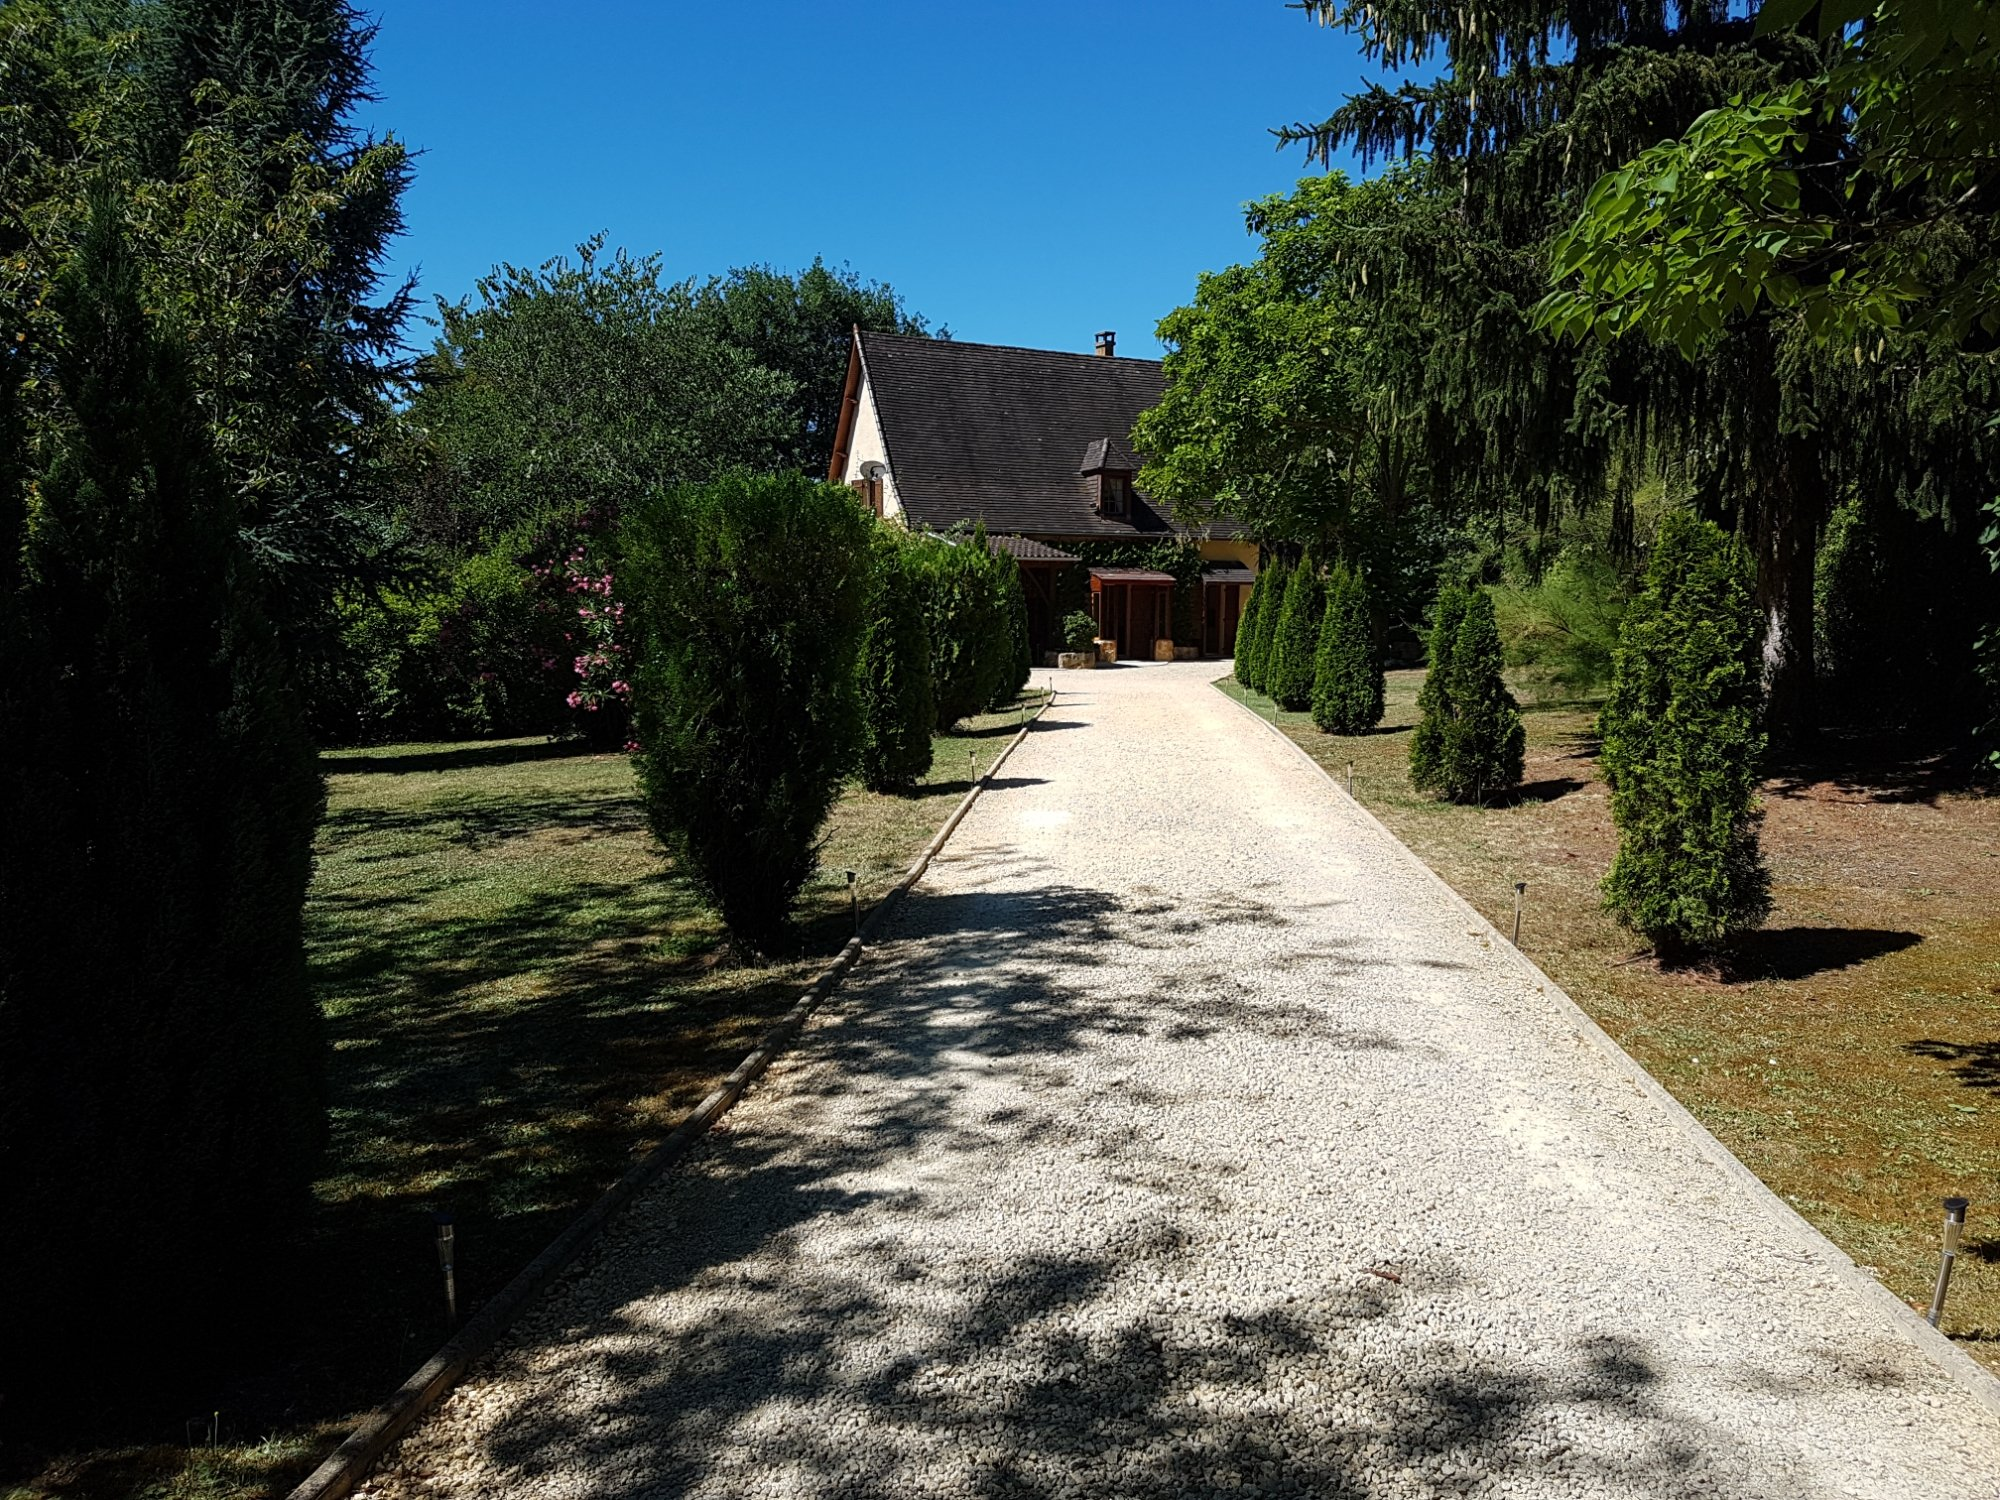 A path with trees on the side of a house at Les plantous de Severo - Espace bien être.